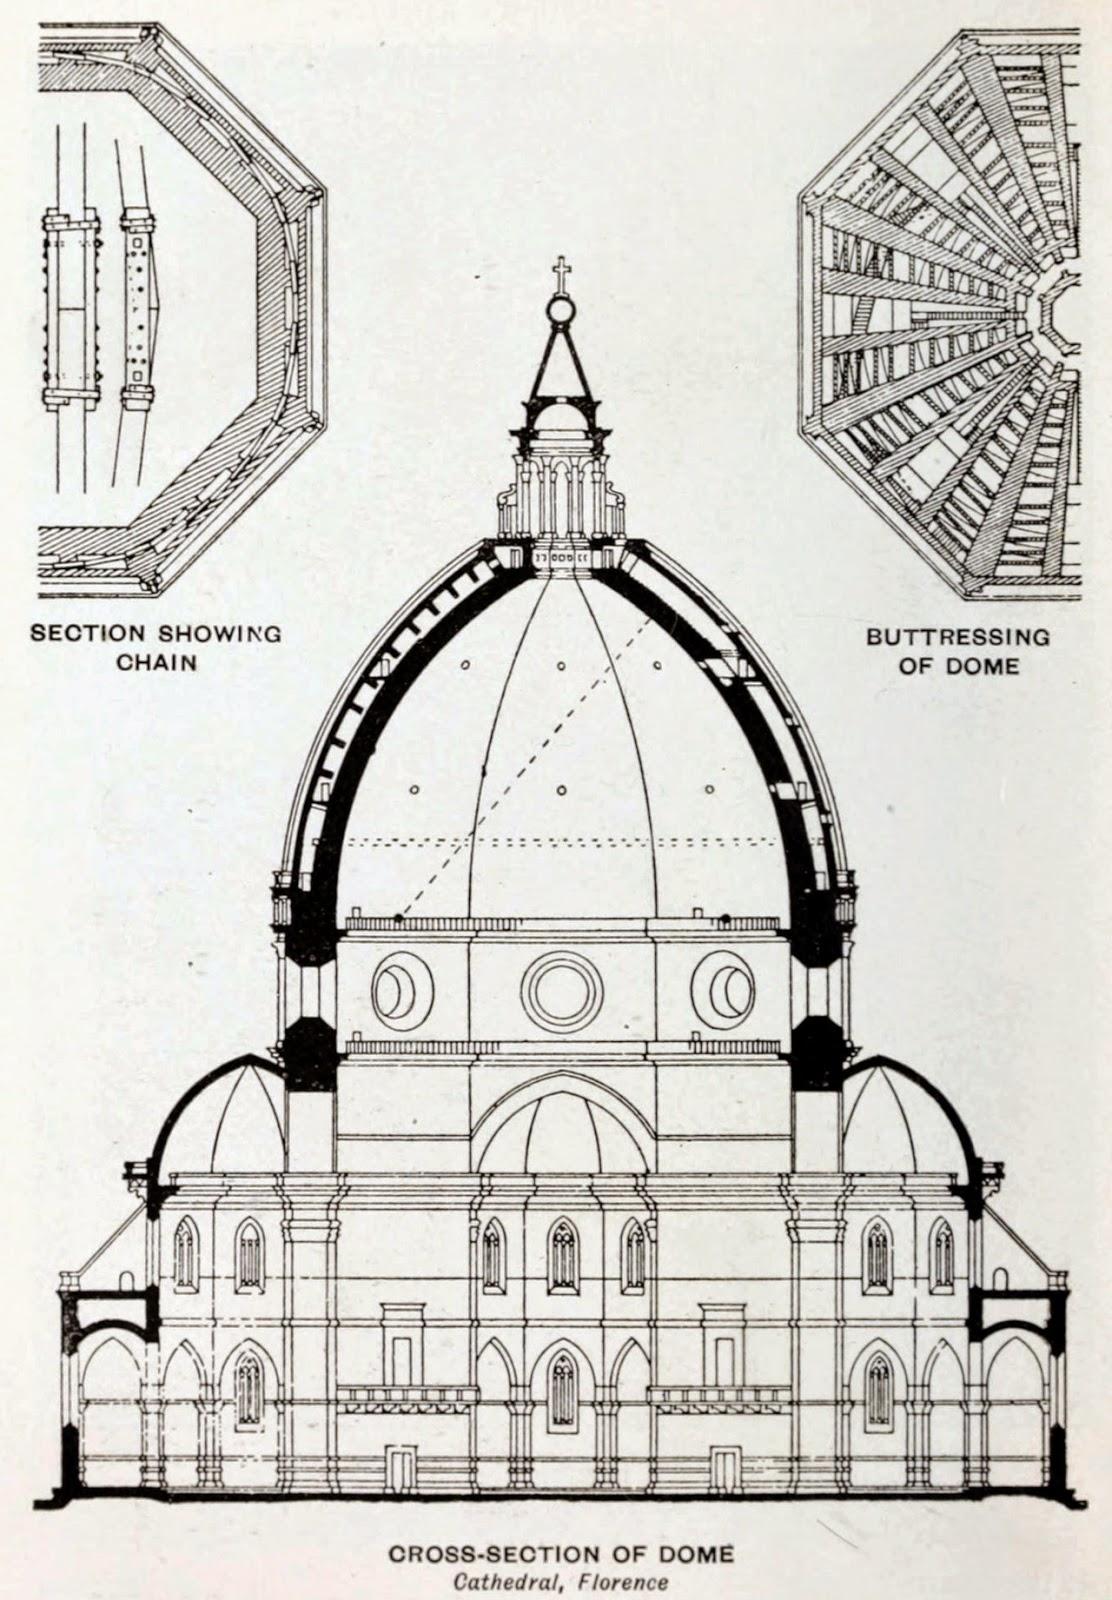 Sección de la Cúpula de la Catedrald e Florencia. Brunelleschi.